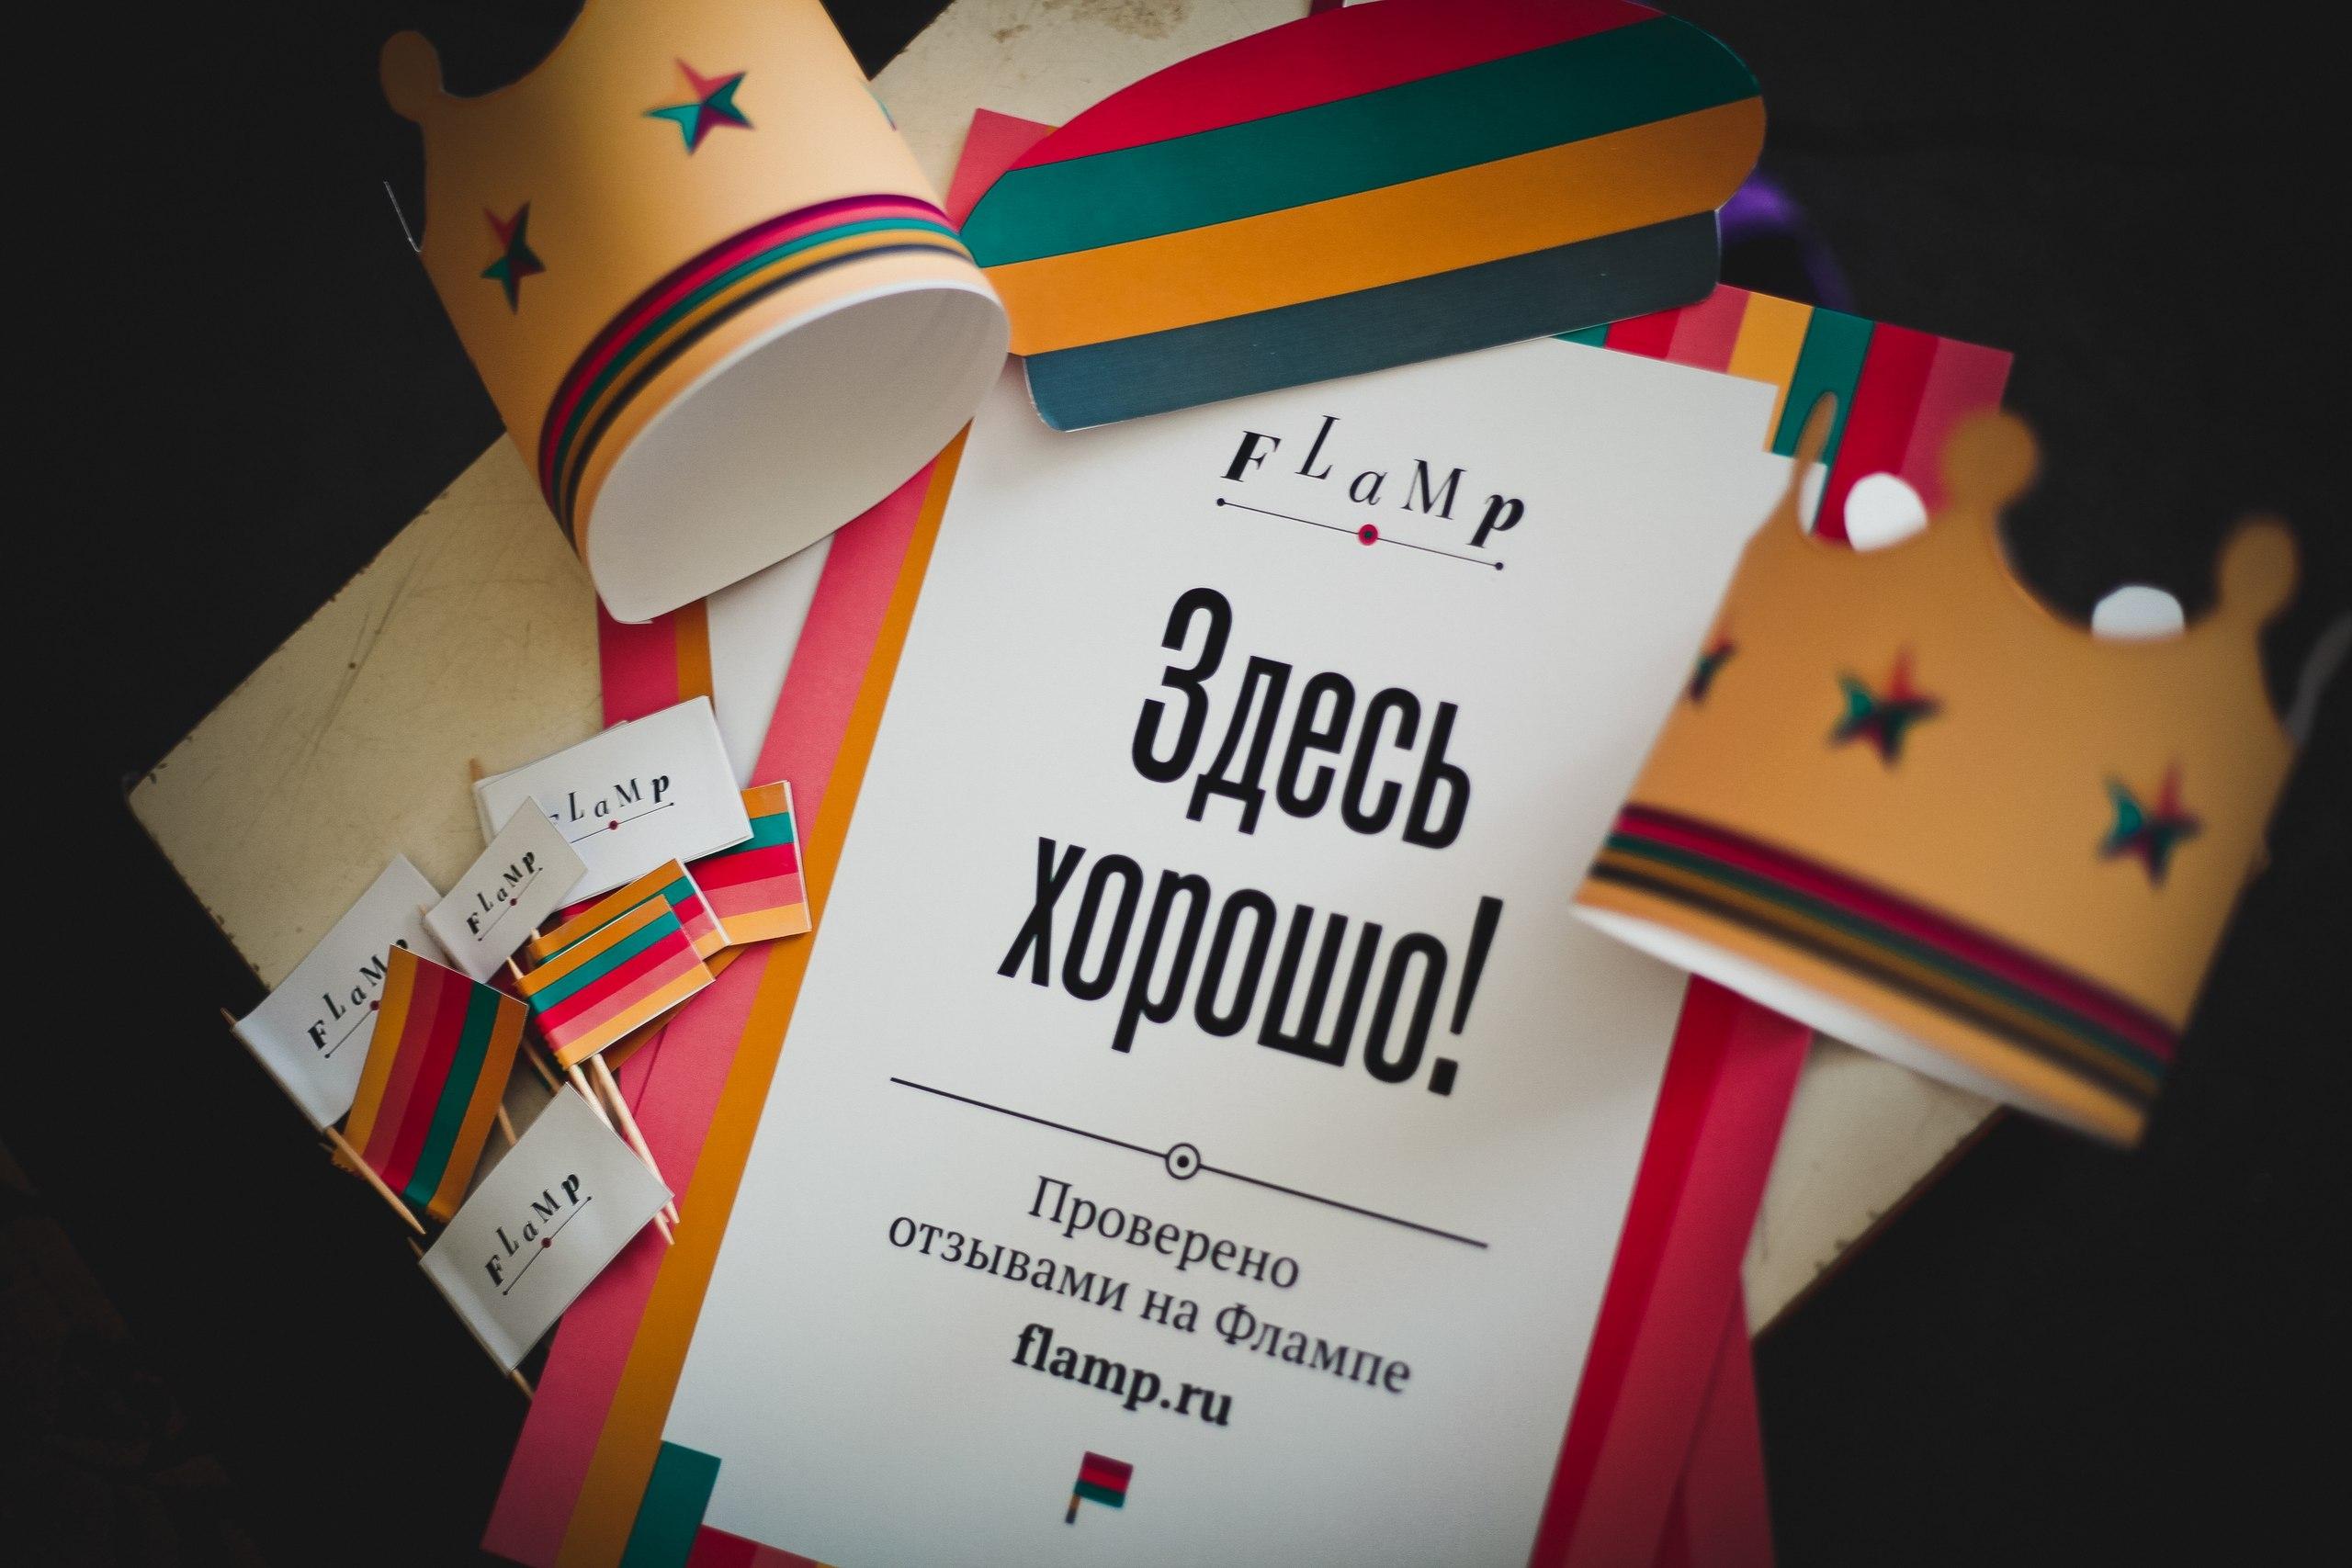 Фото: Анастасия Патаки